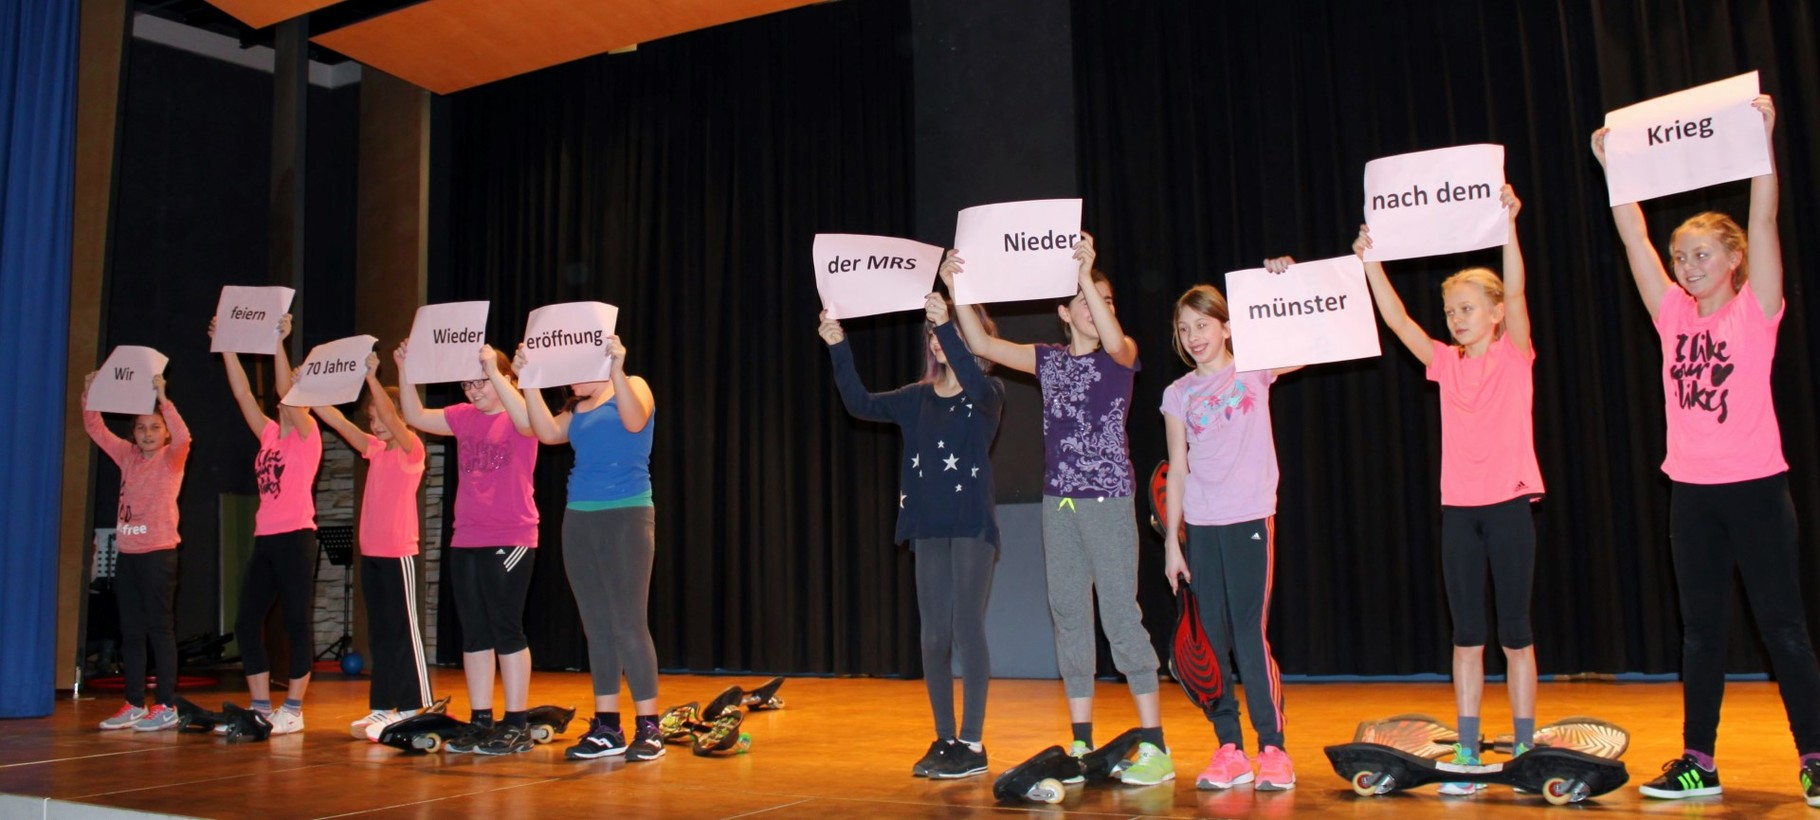 Wir feiern 70 Jahre Wiedereröffnung der Mädchenrealschule Niedermünster nach dem Krieg